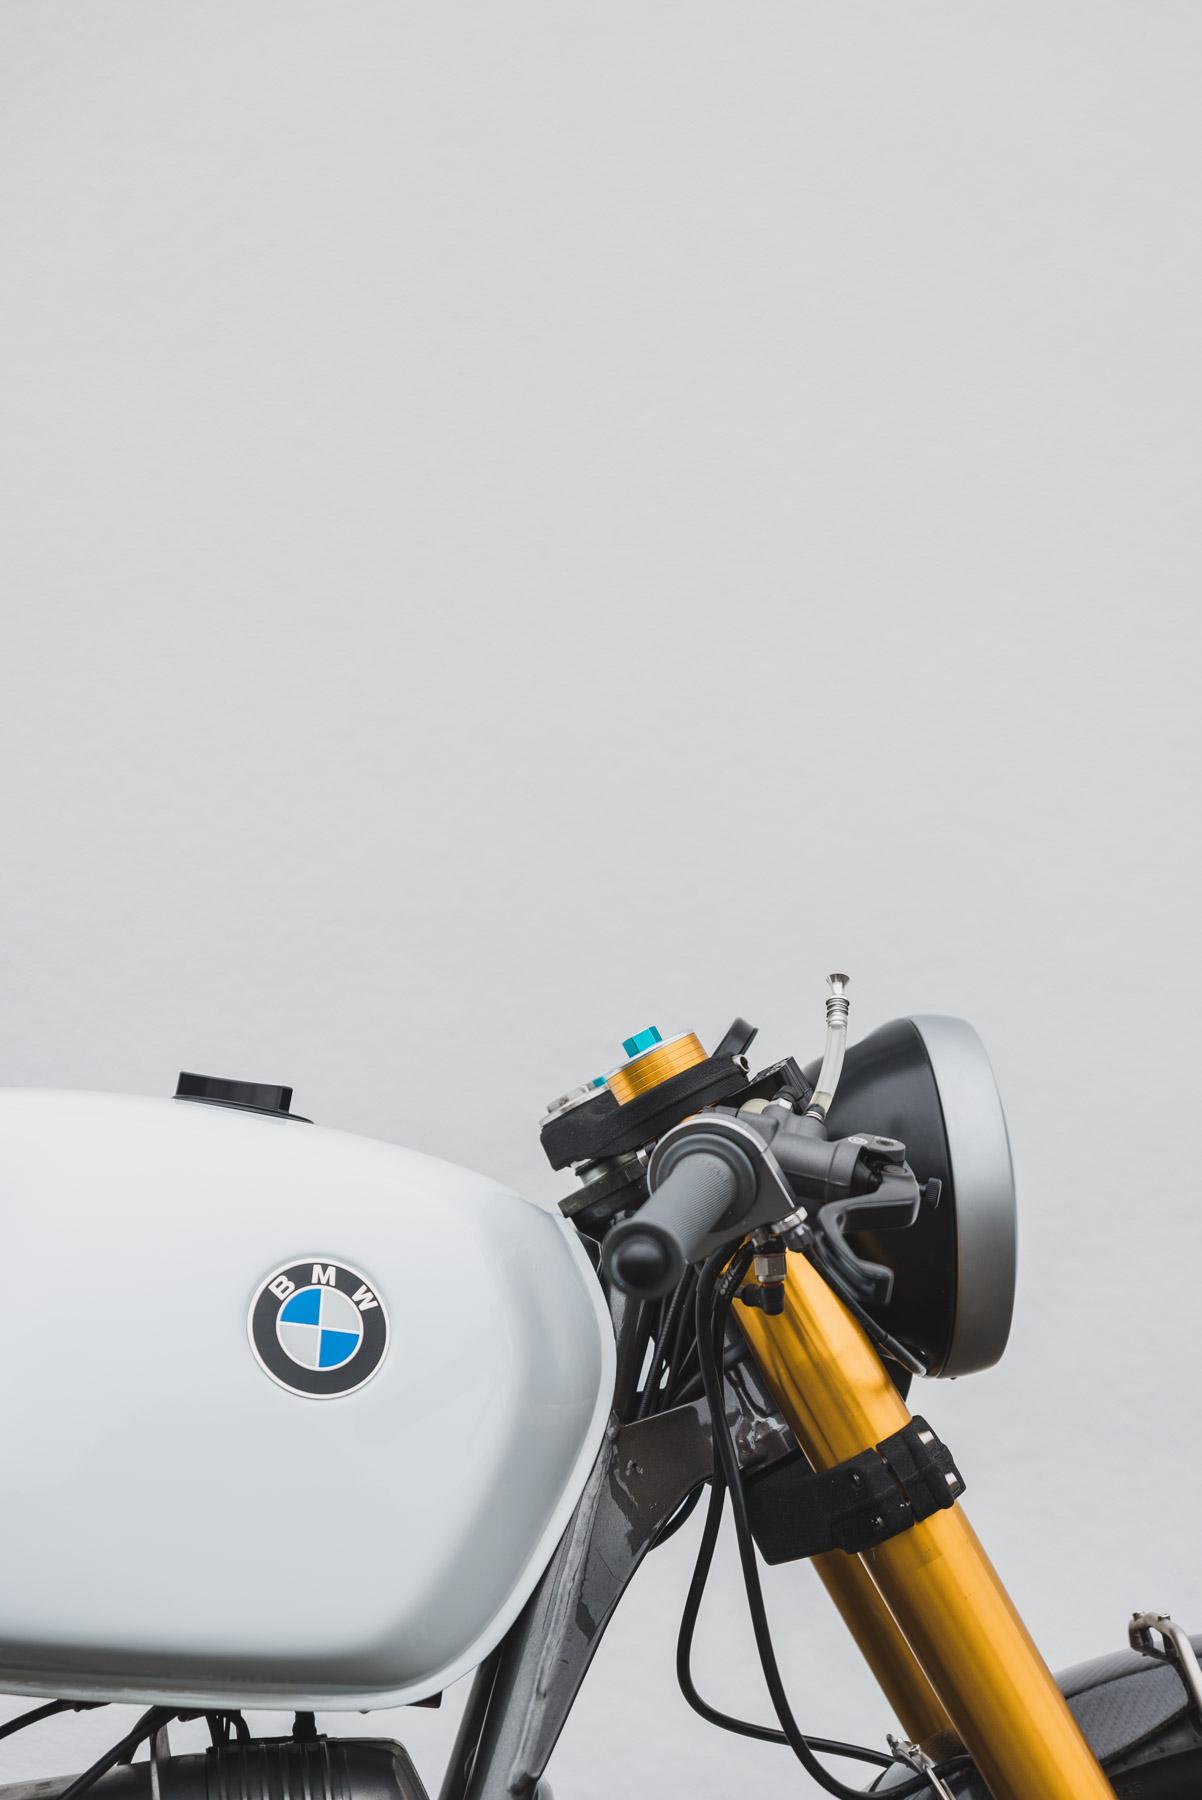 kite-motorcycles-08.jpg